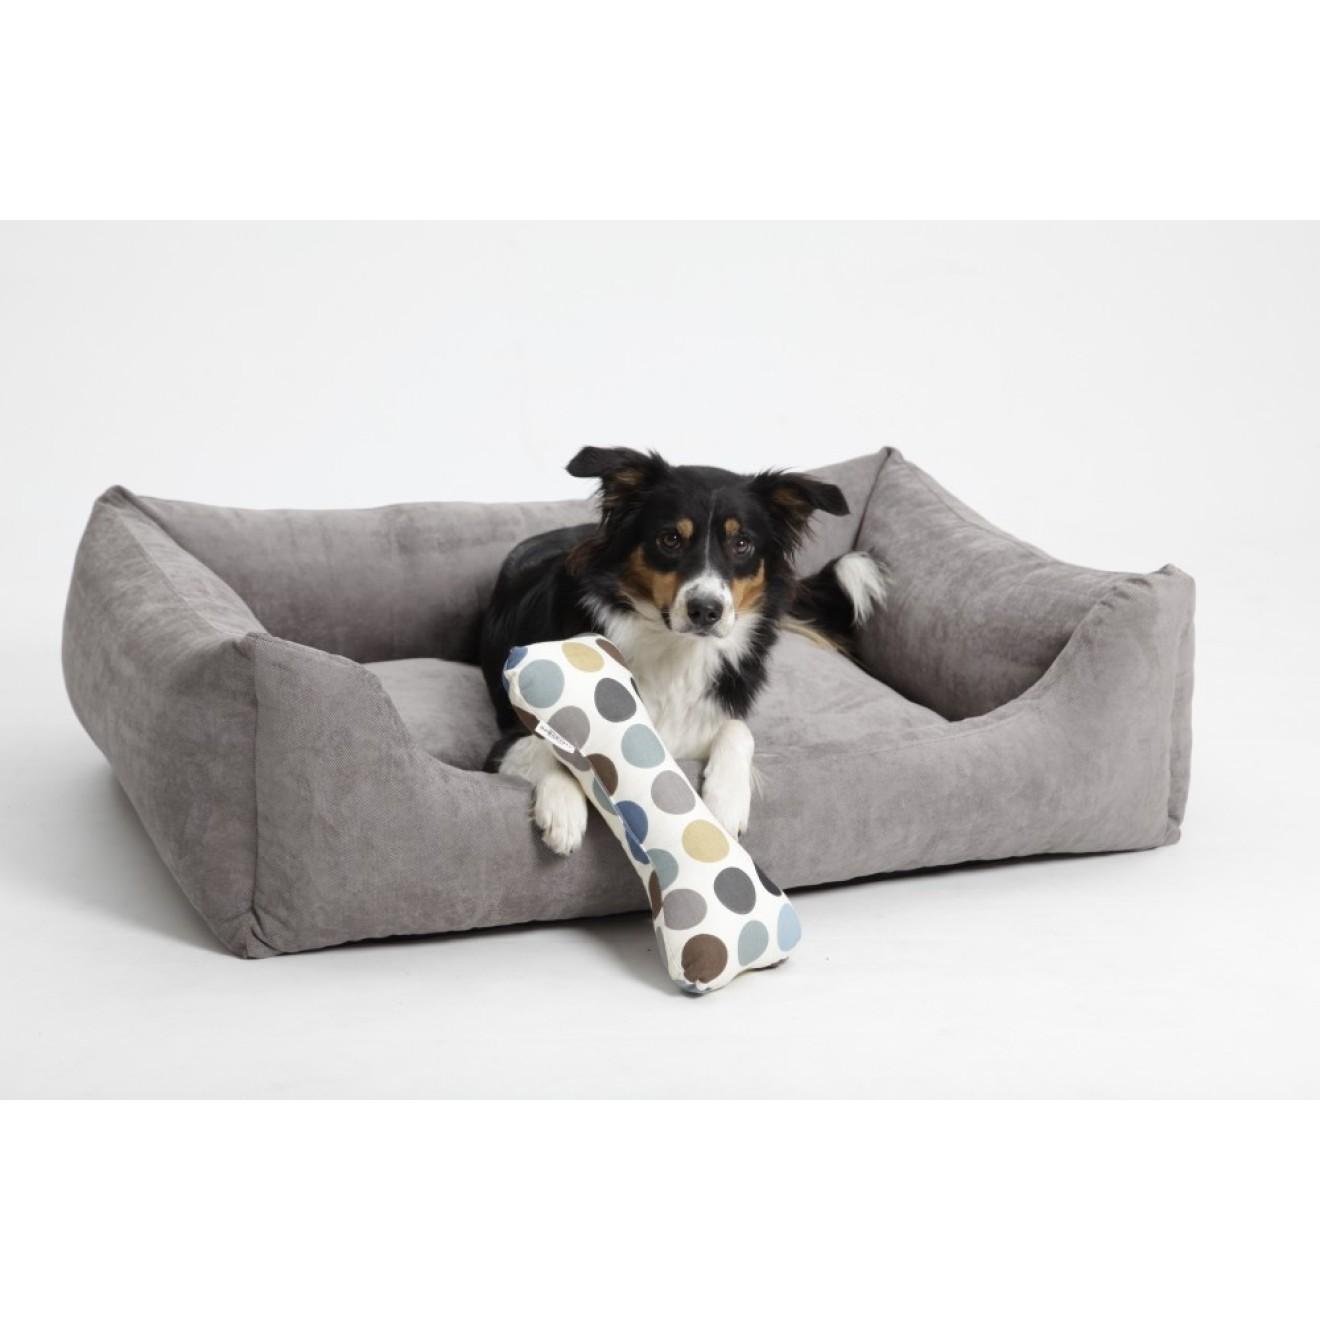 Beliebt Hundebetten für große Hunde, Hundebetten ab 100 cm, Hundebett XXL TJ24